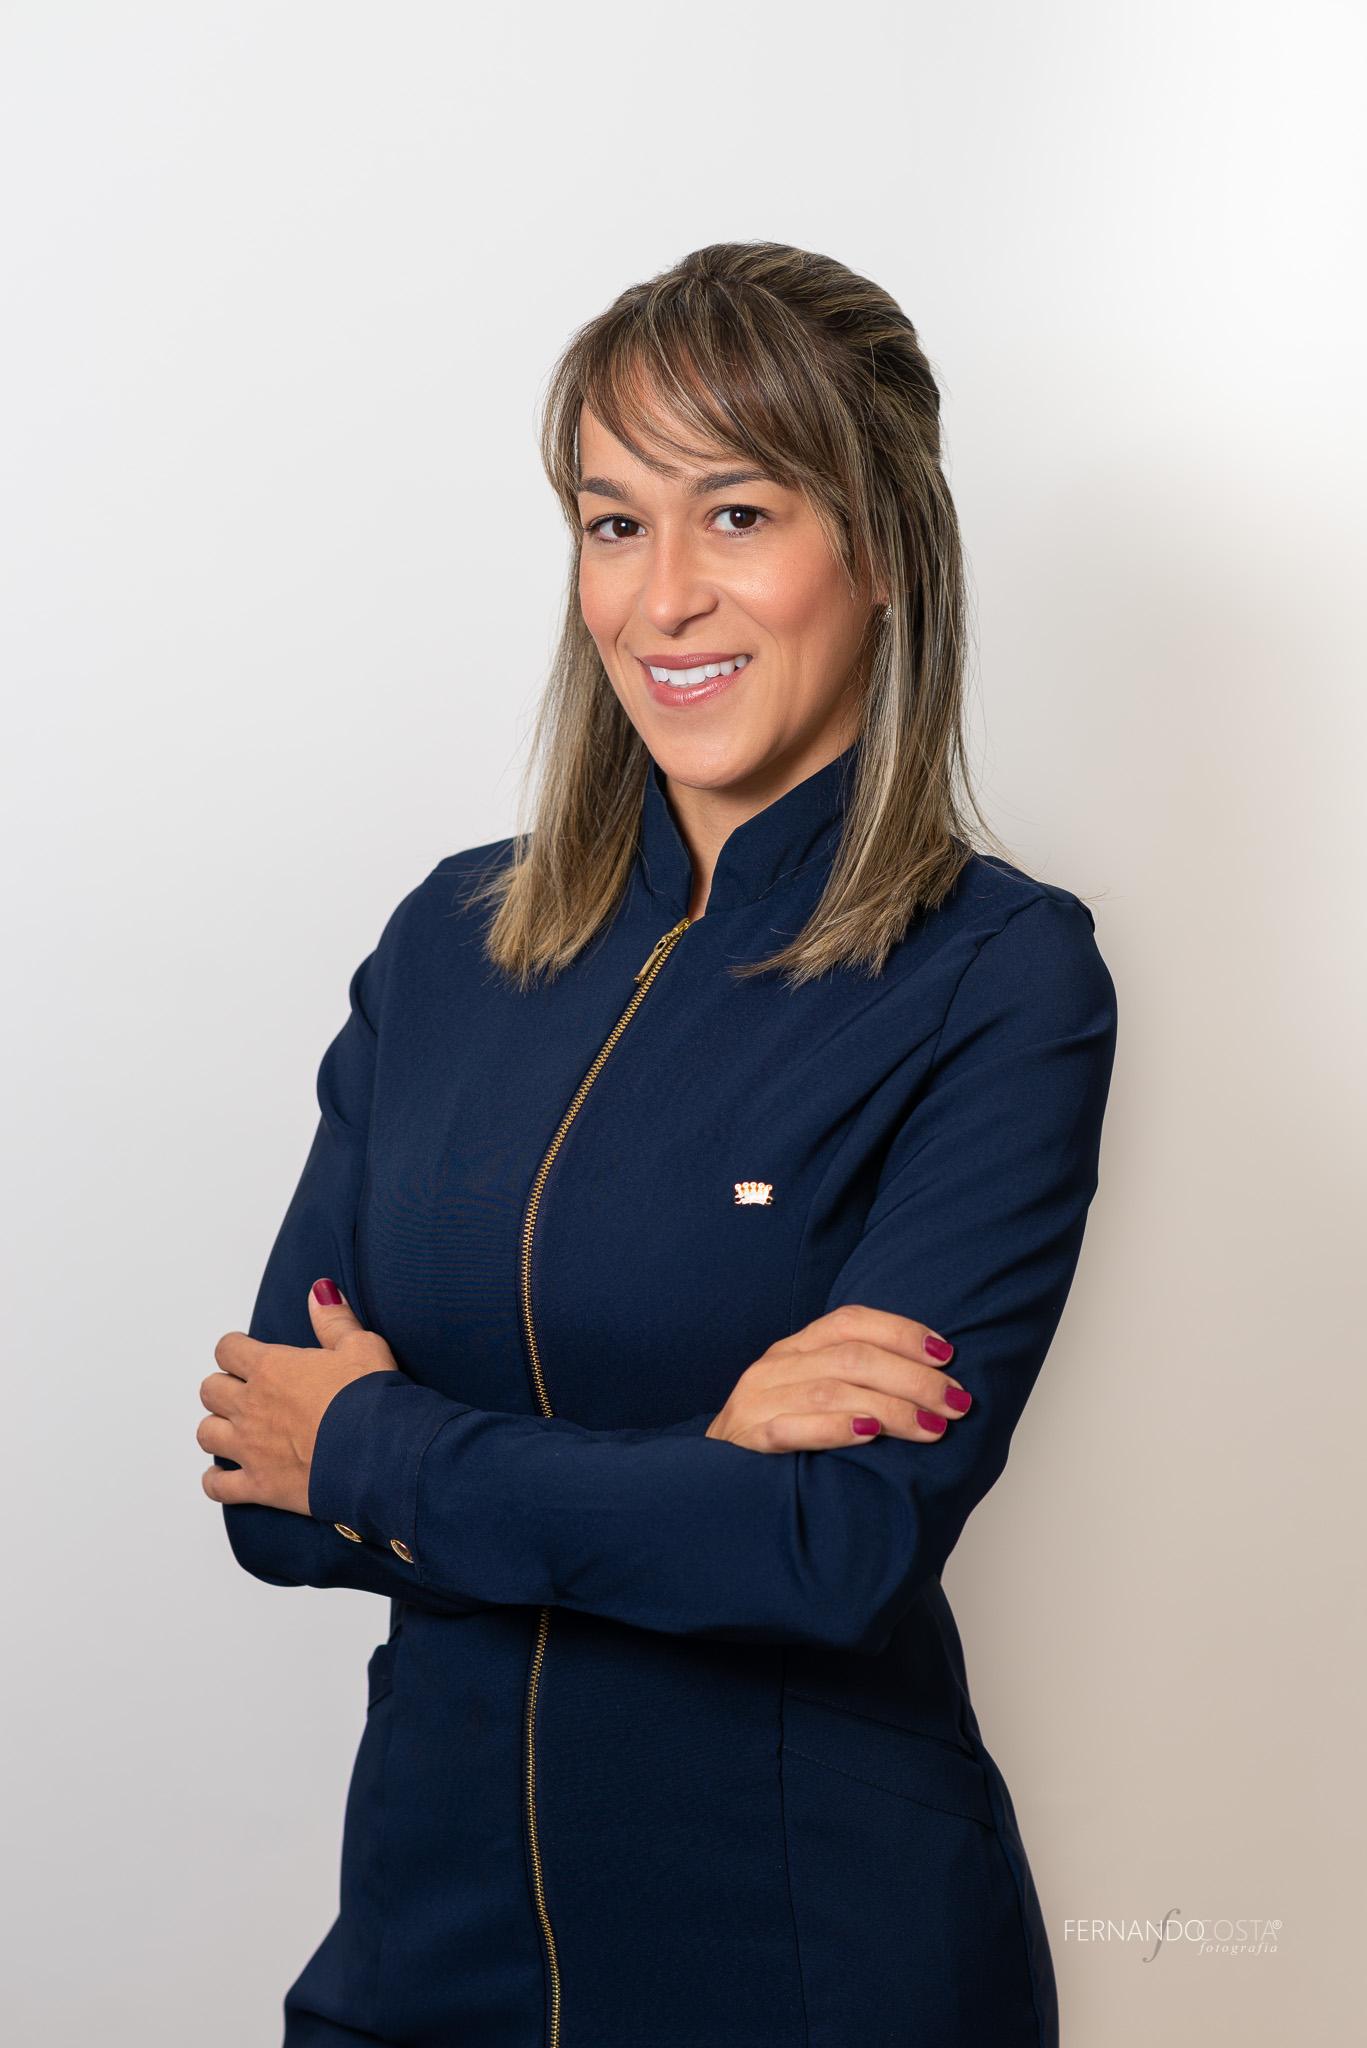 Camila Santos Cruz